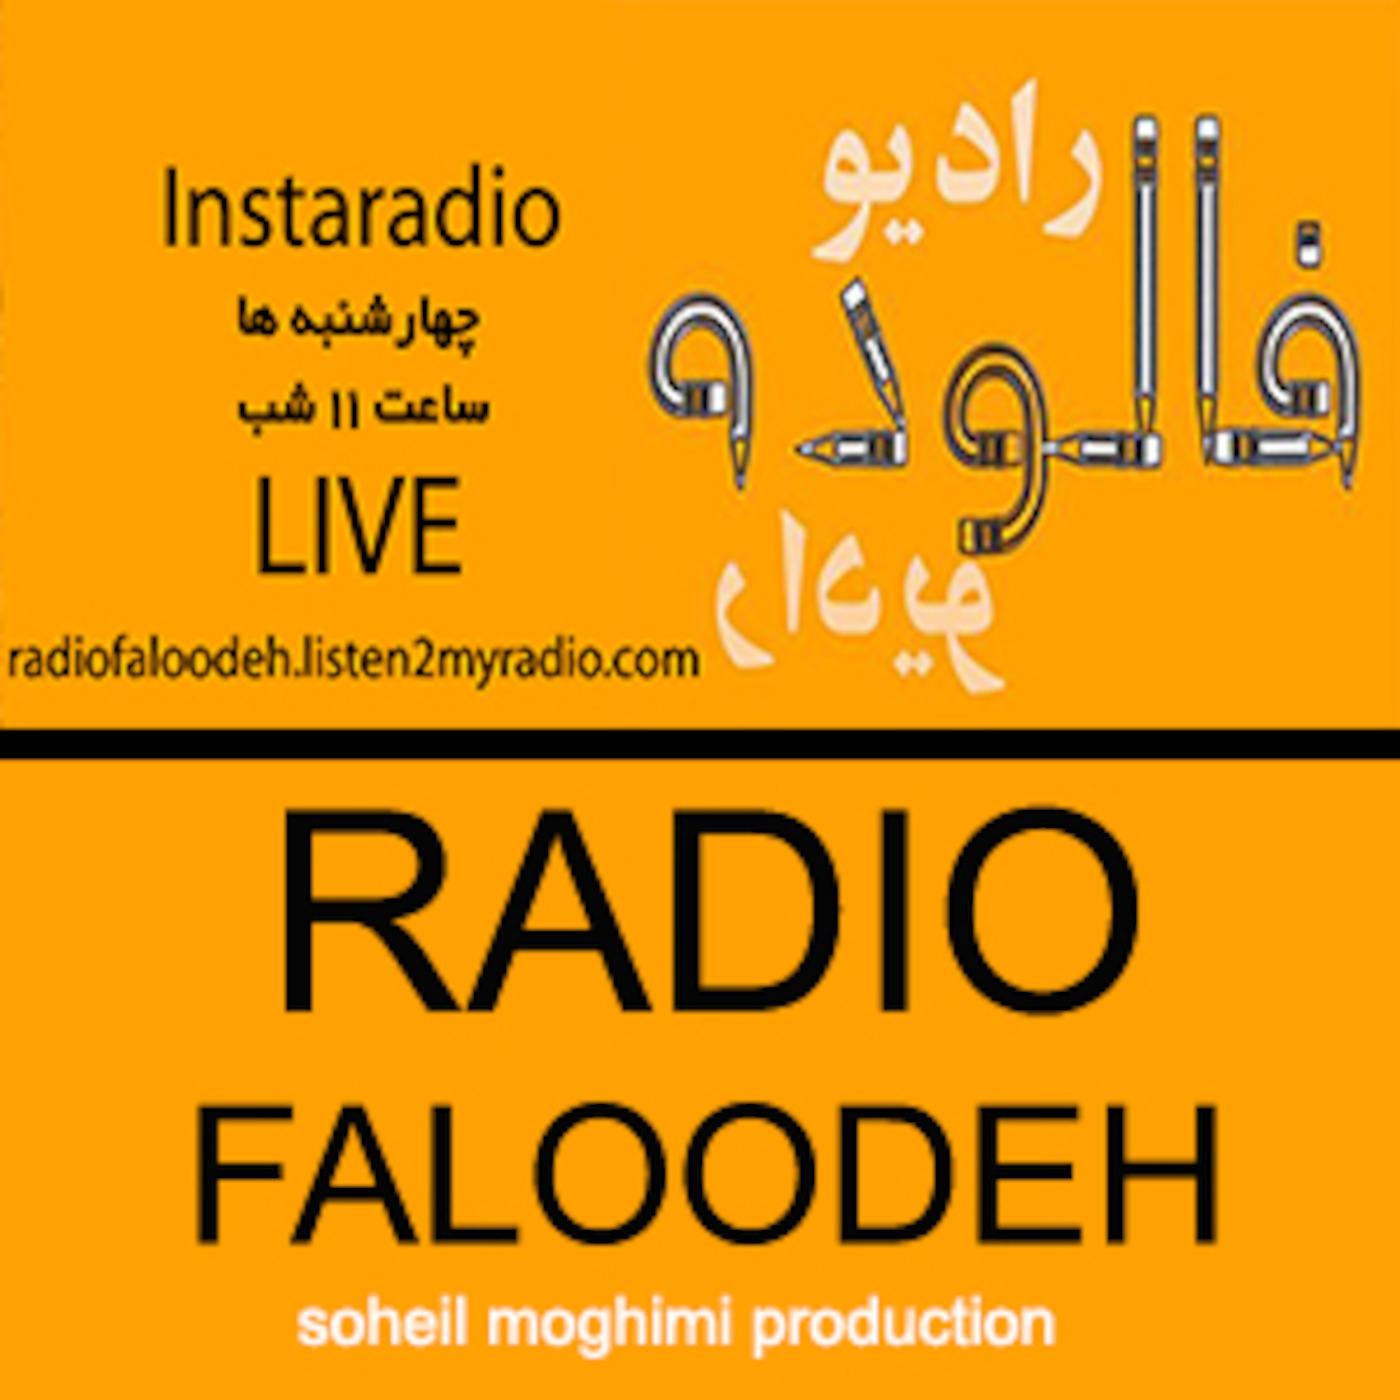 radio faloodeh